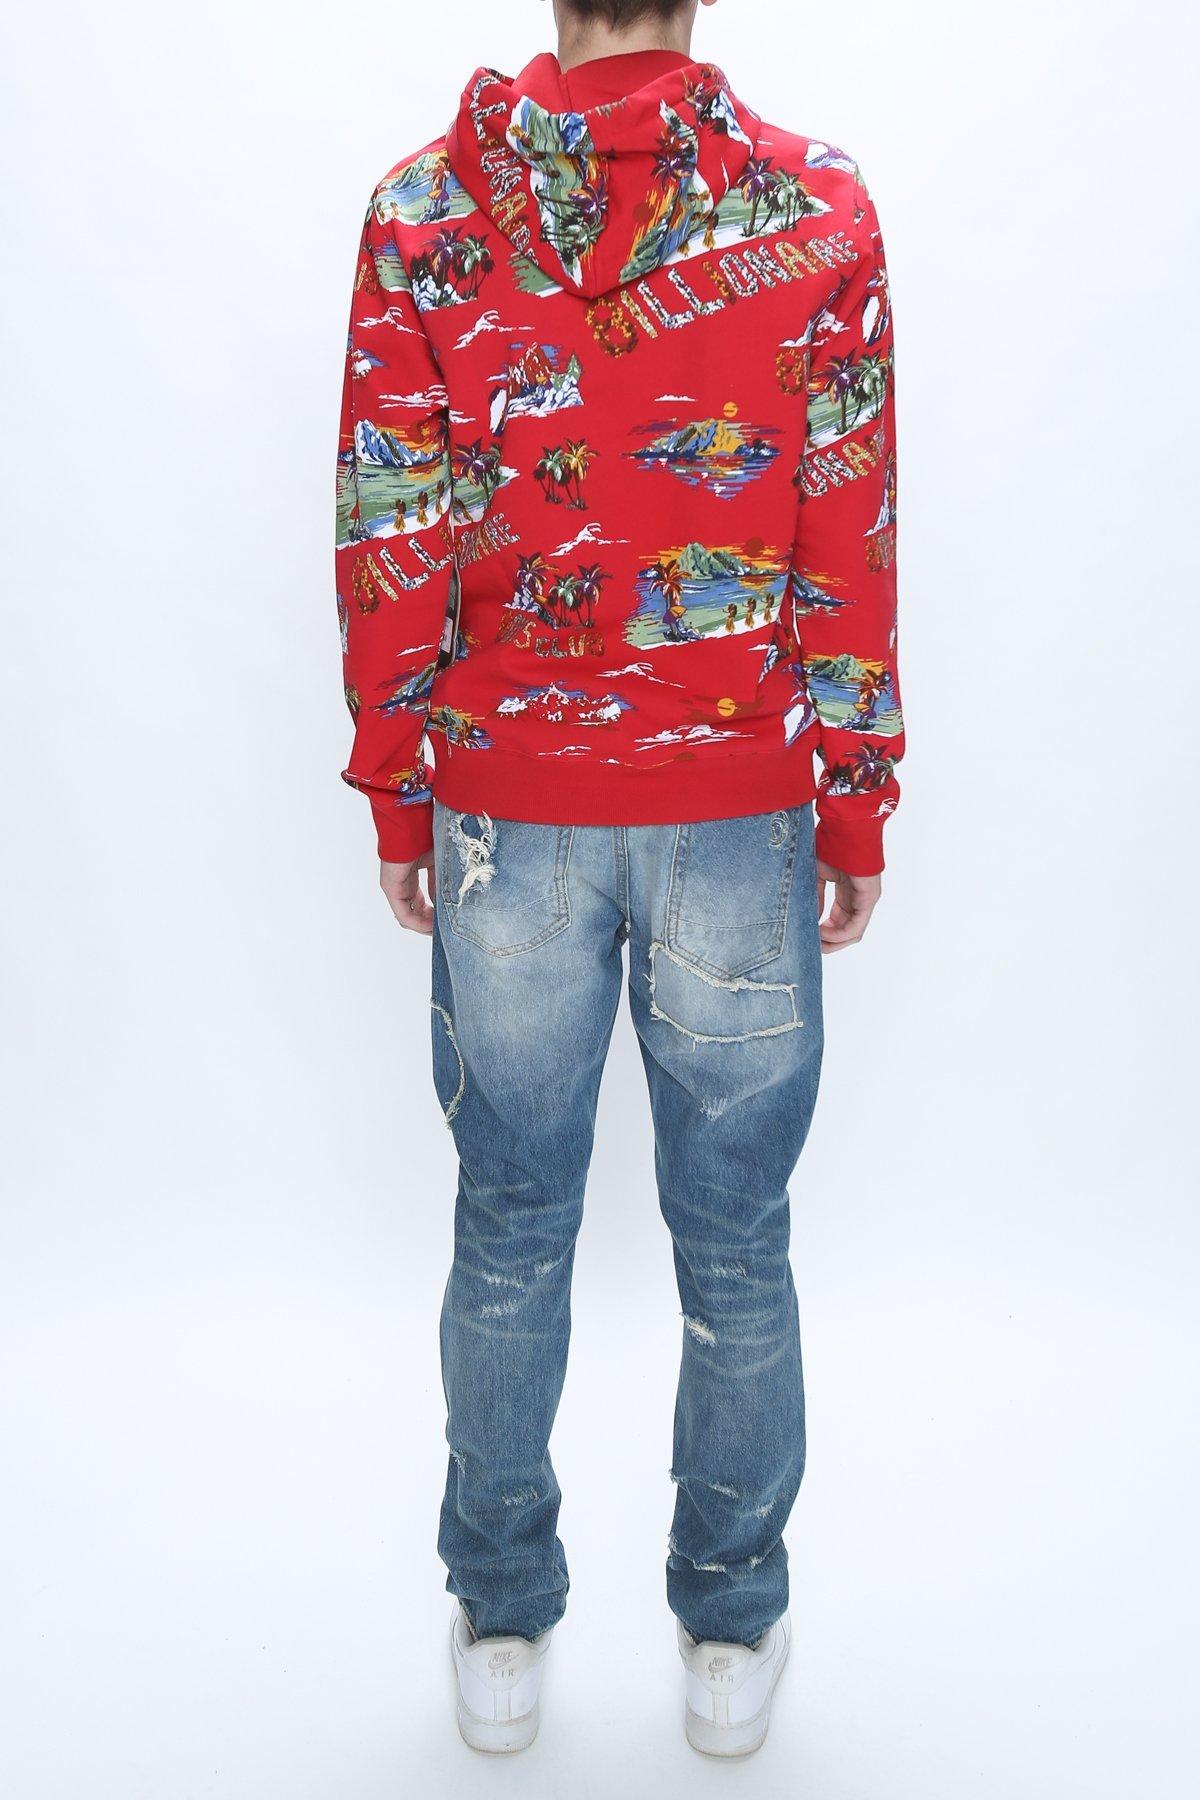 Billionaire Boys Club BB Rocket Jean in White Oak 891-8104